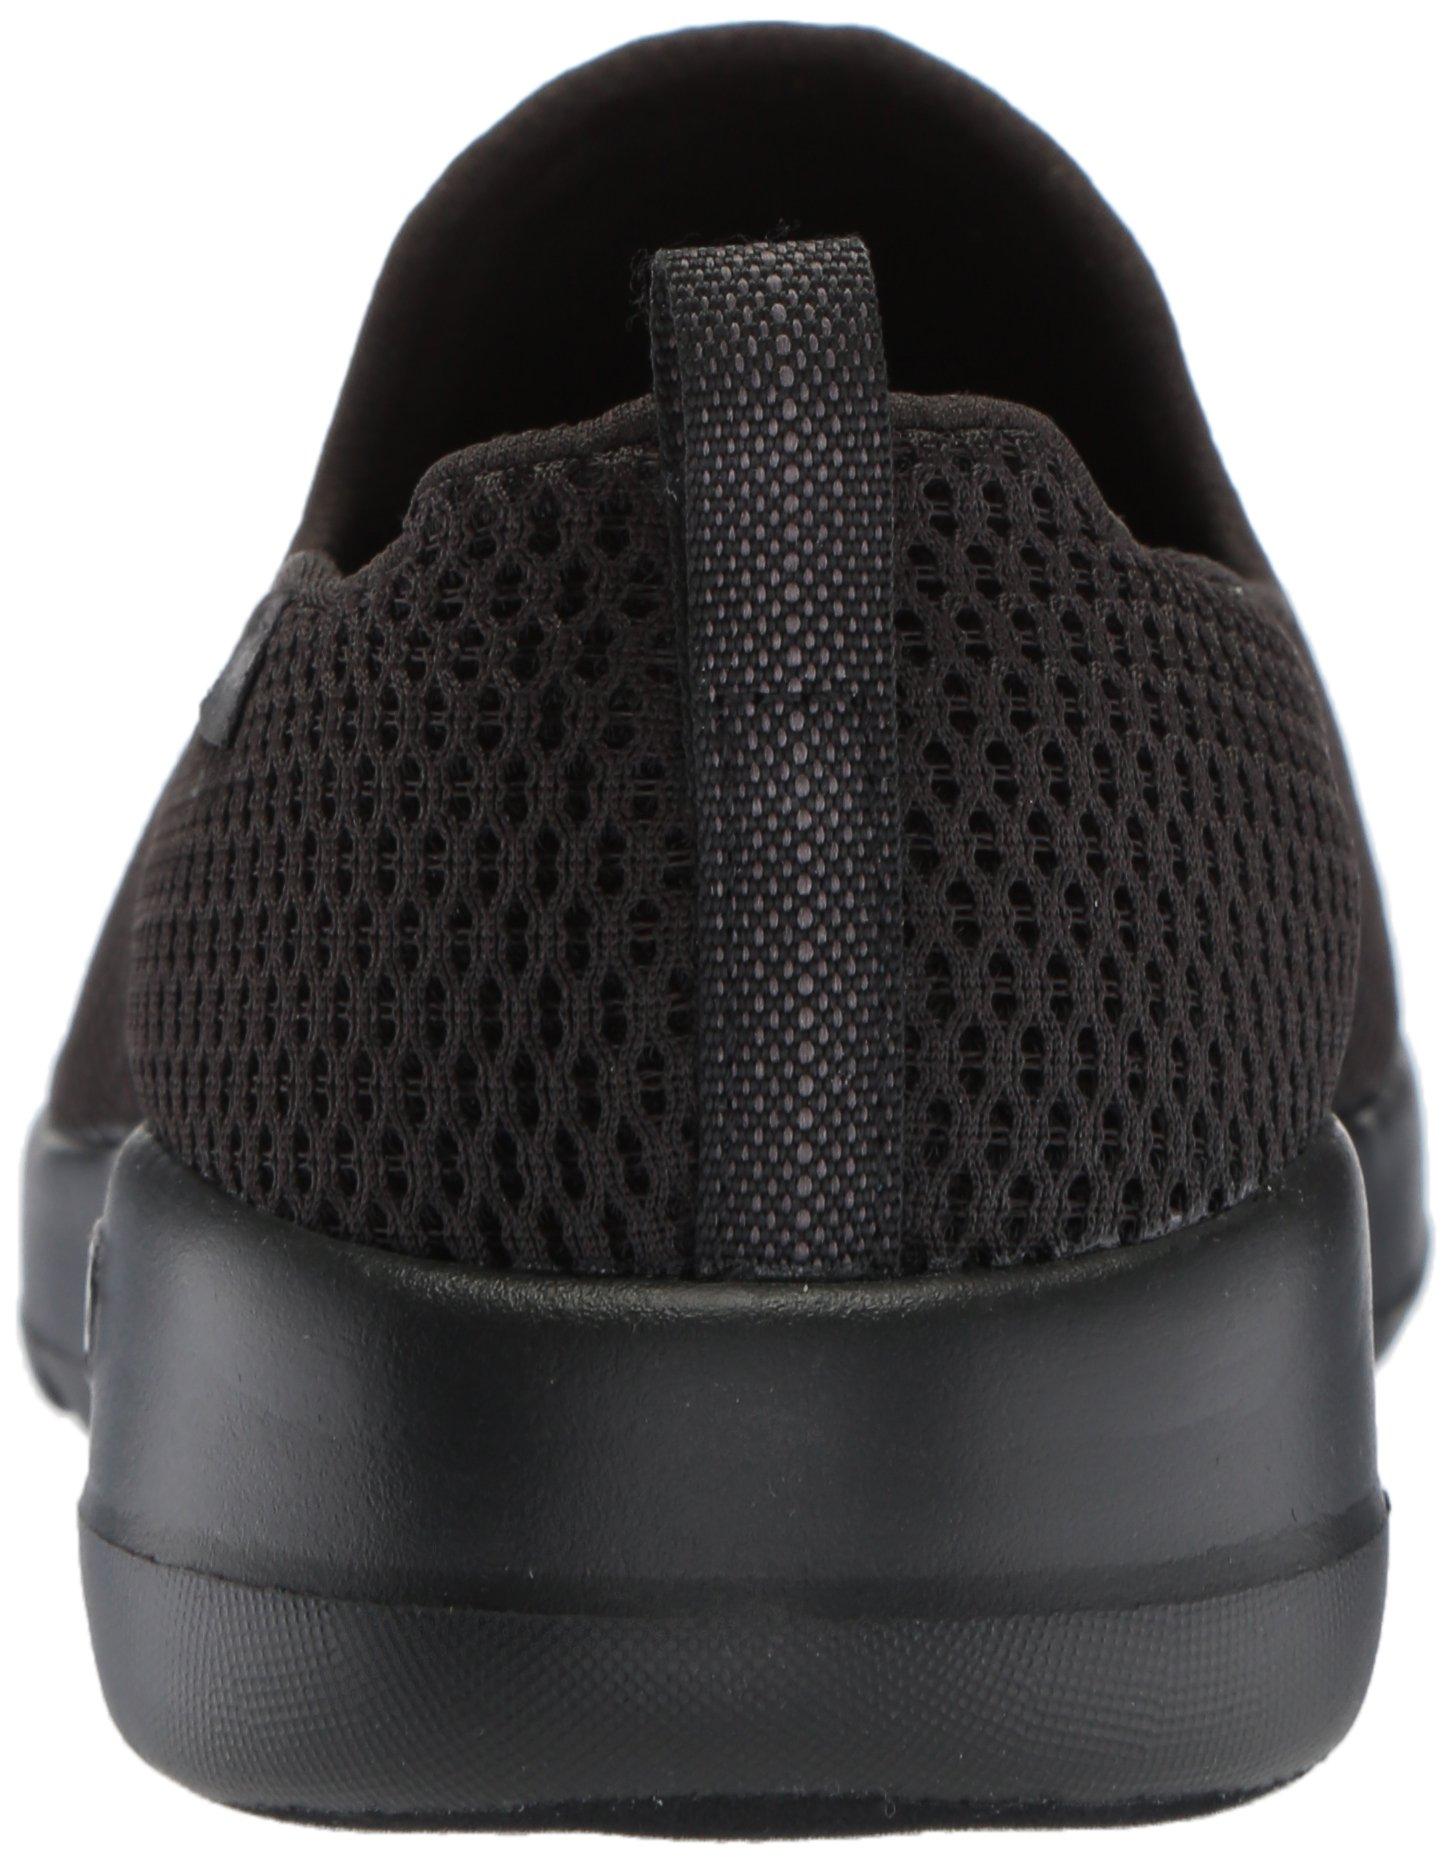 Skechers Performance Women's Go Walk Joy Walking Shoe,black,9.5 W US by Skechers (Image #2)